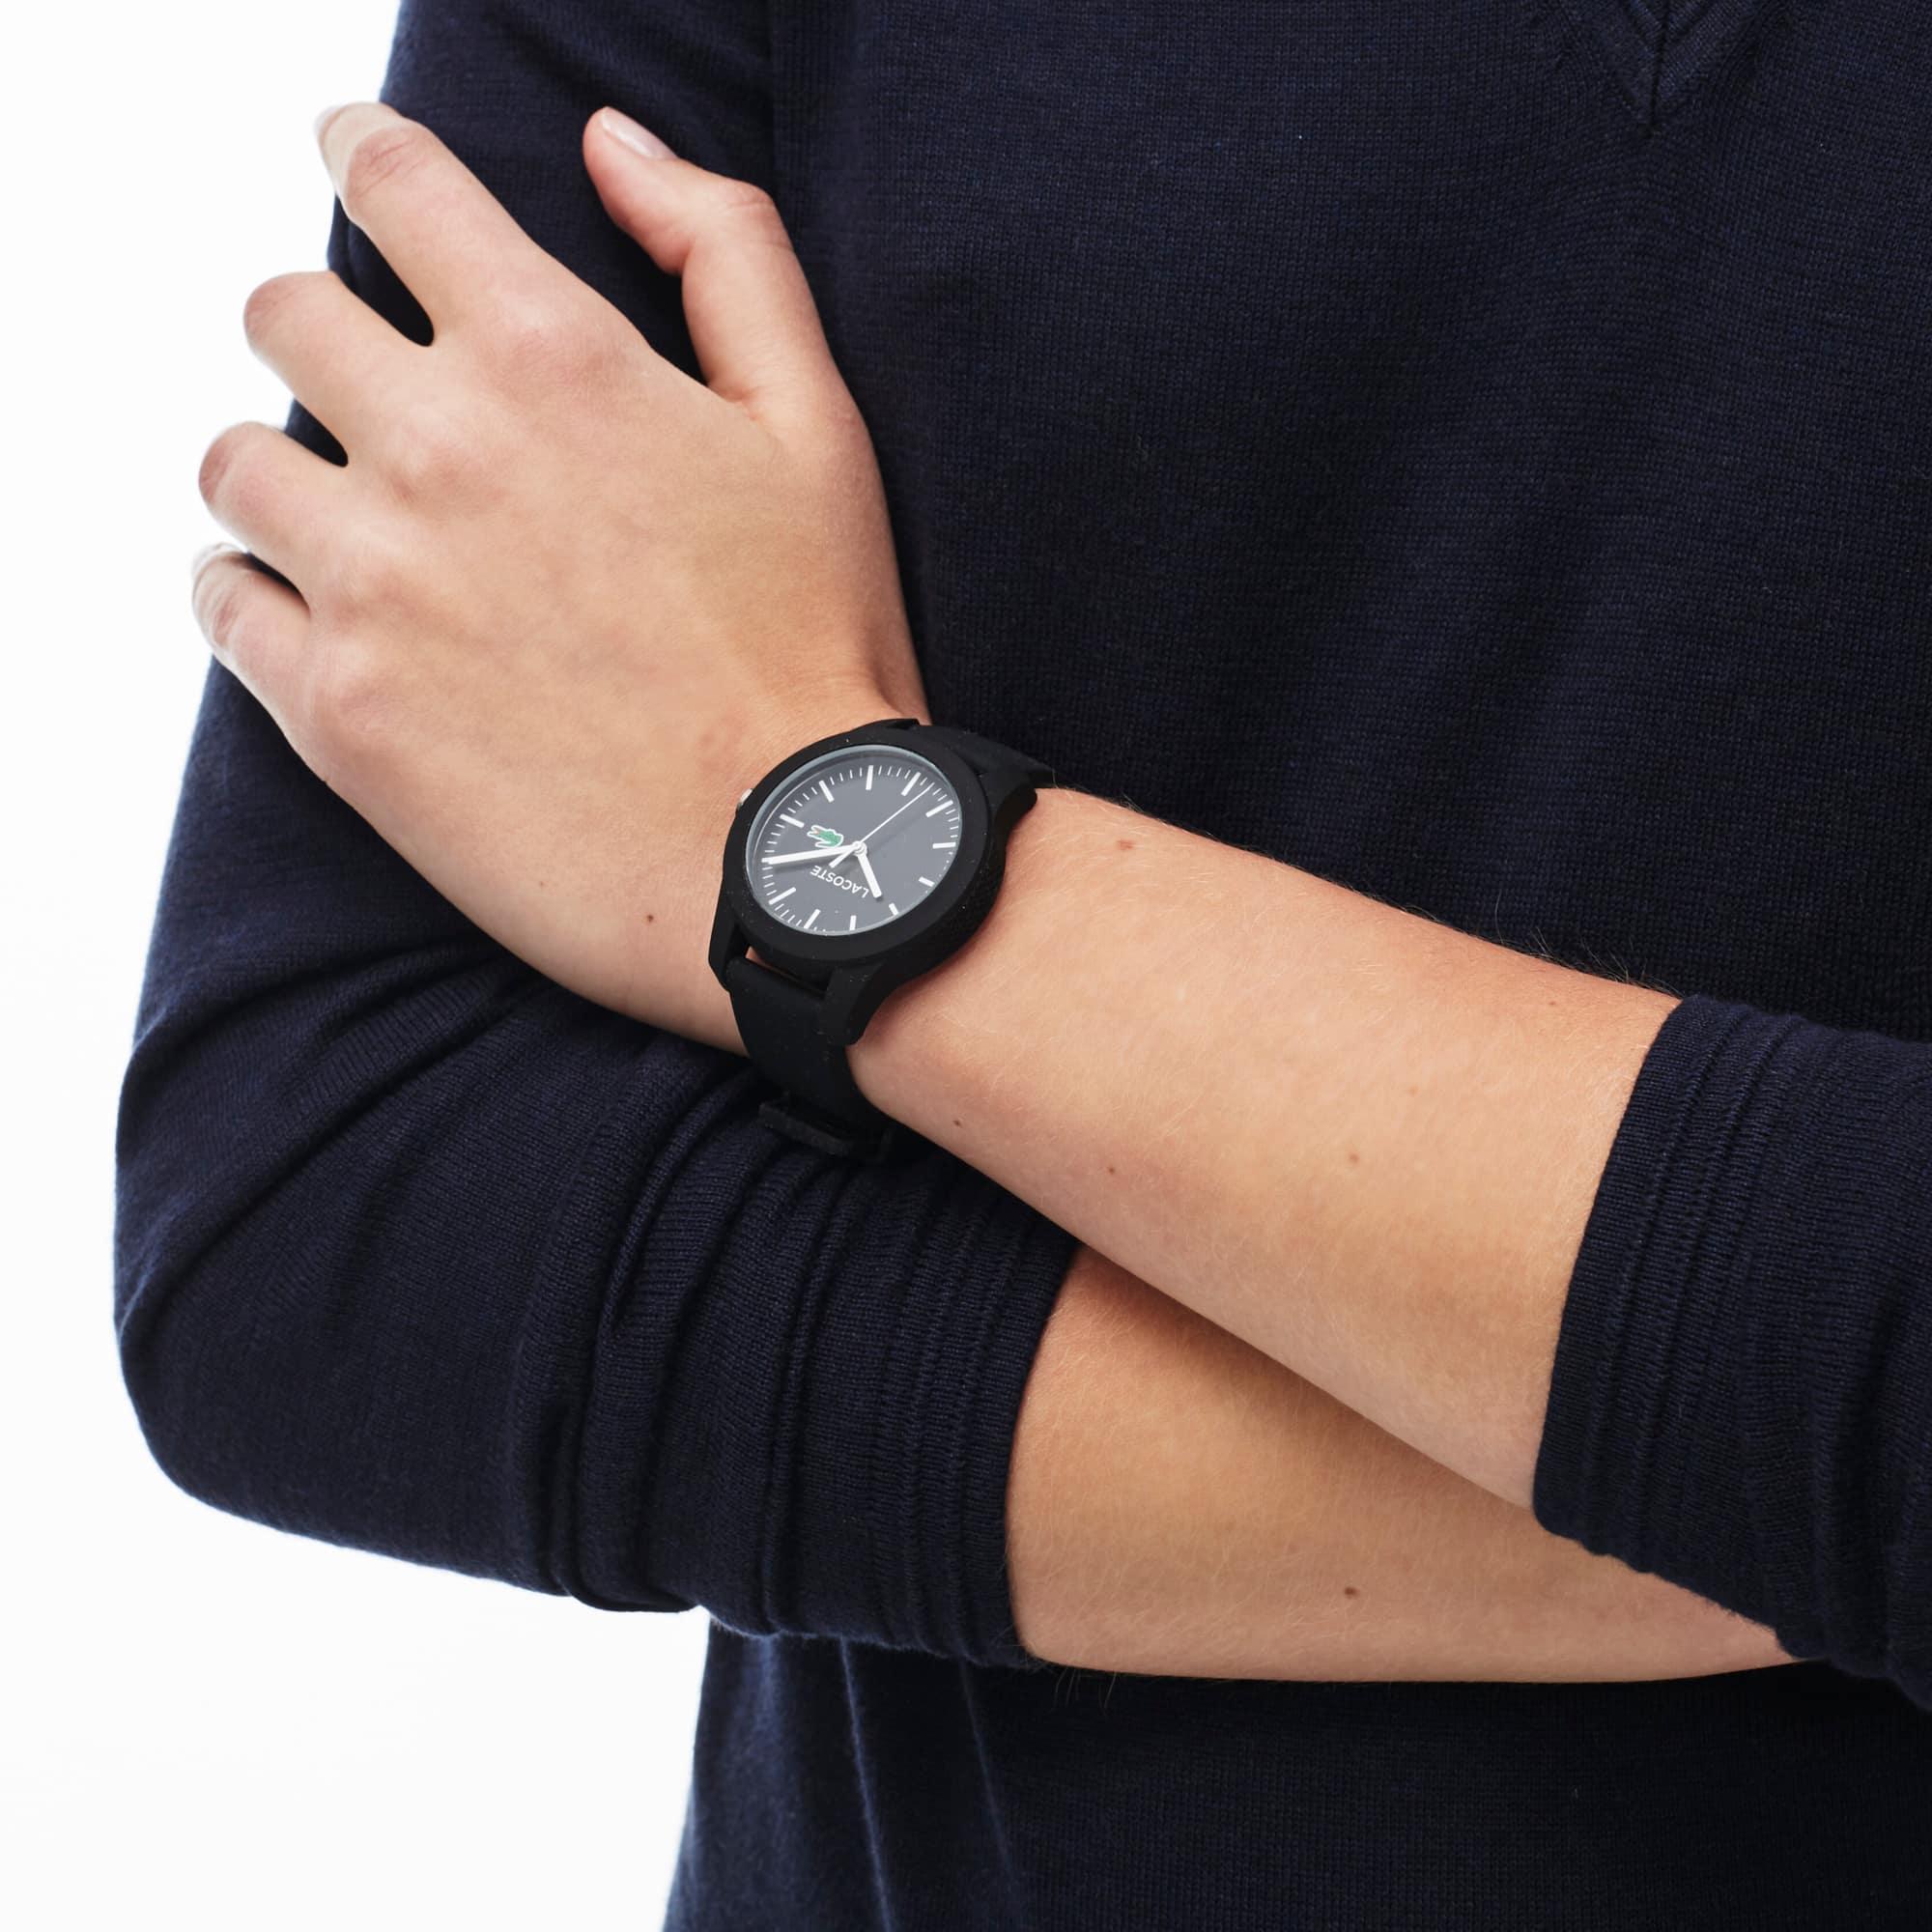 Montre Lacoste 12.12 Femme avec Bracelet en Silicone Noir